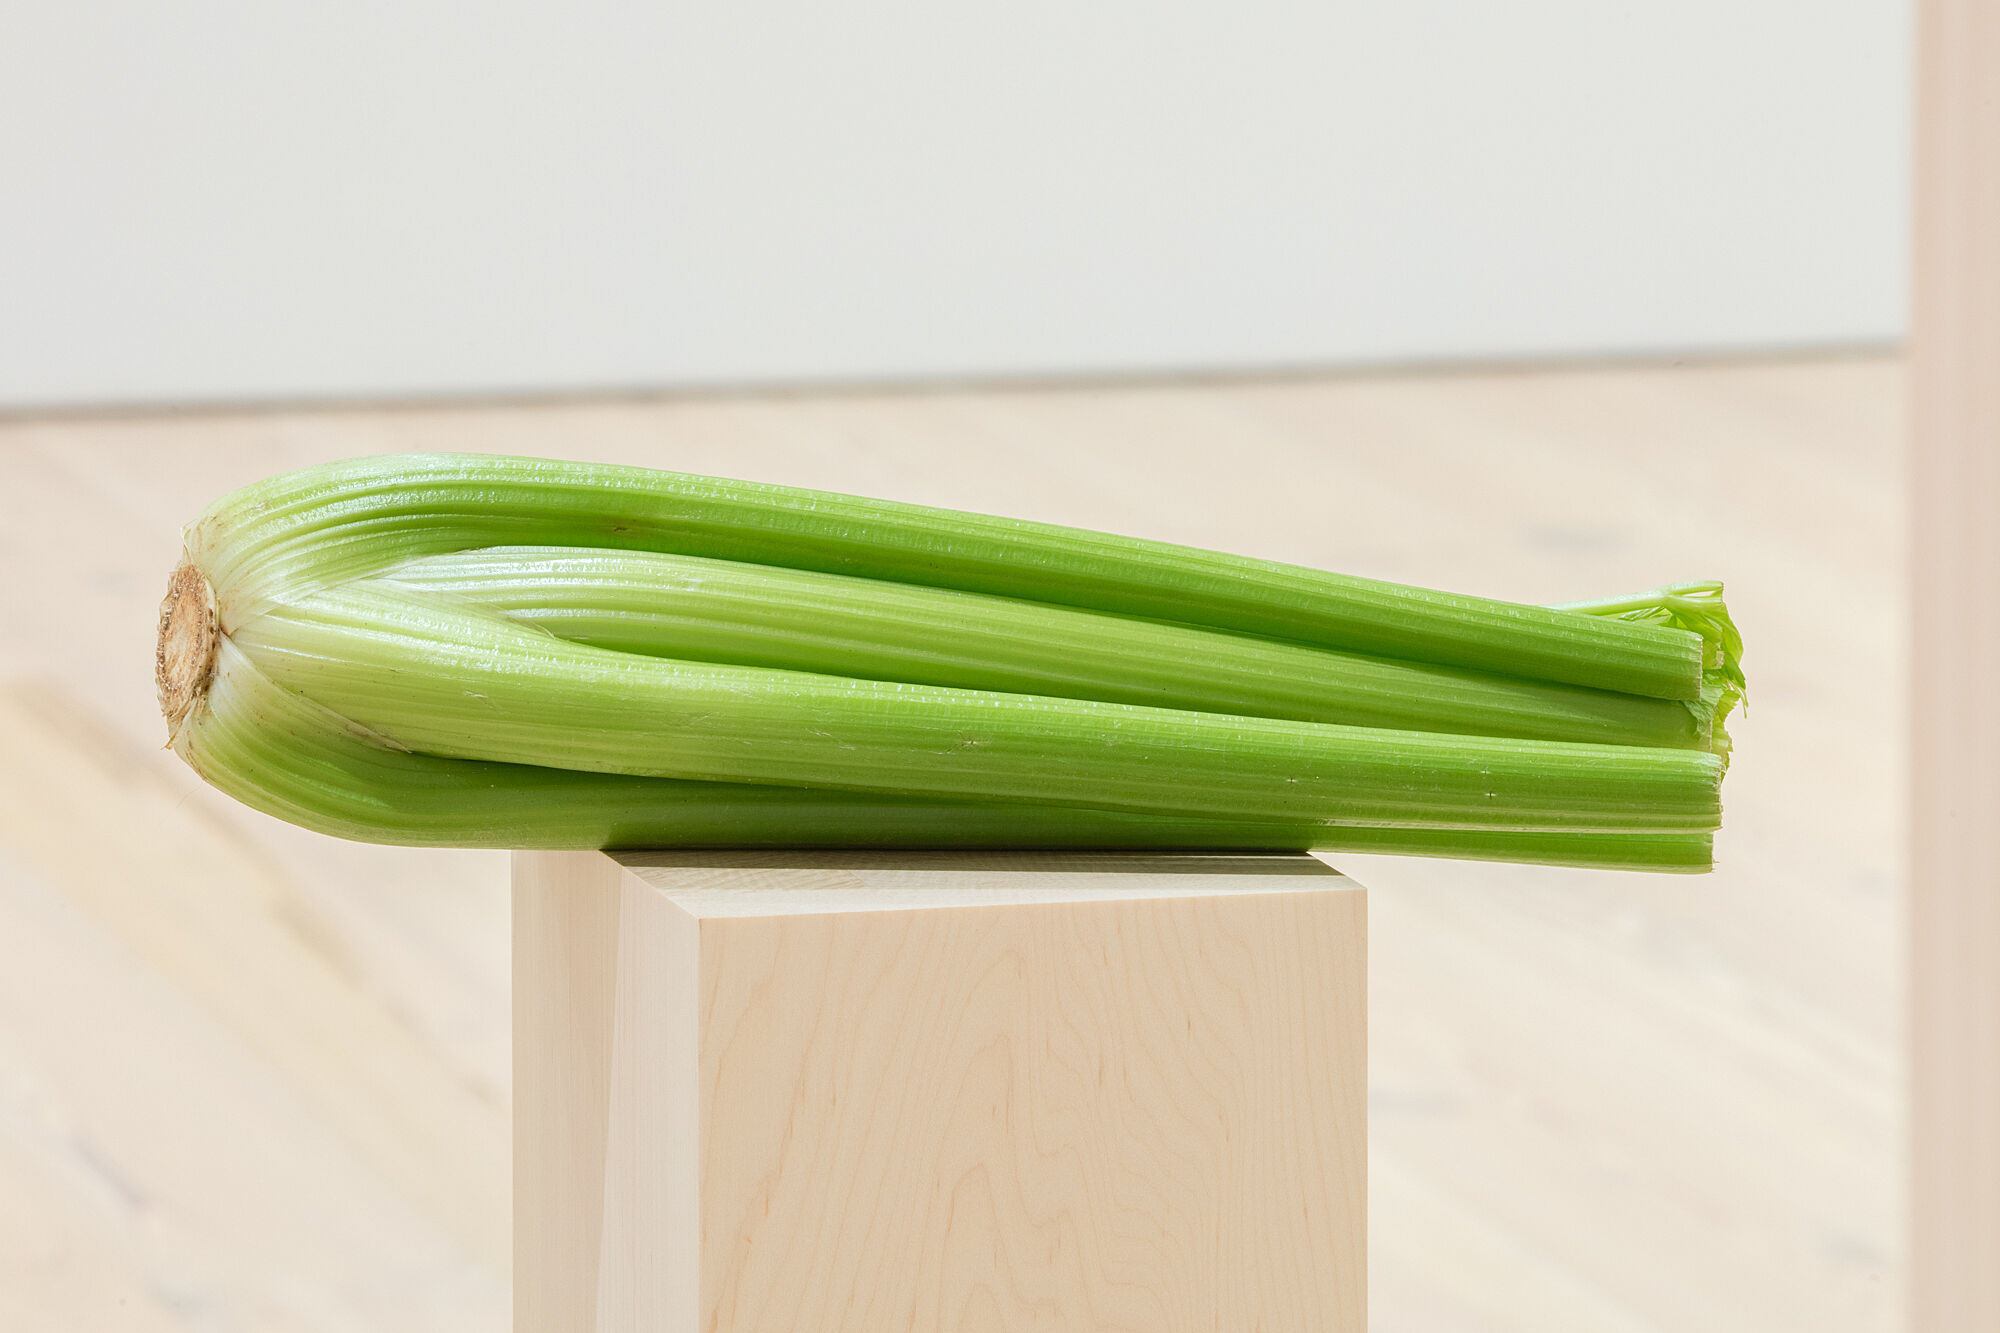 A photo of celery on a plinth.